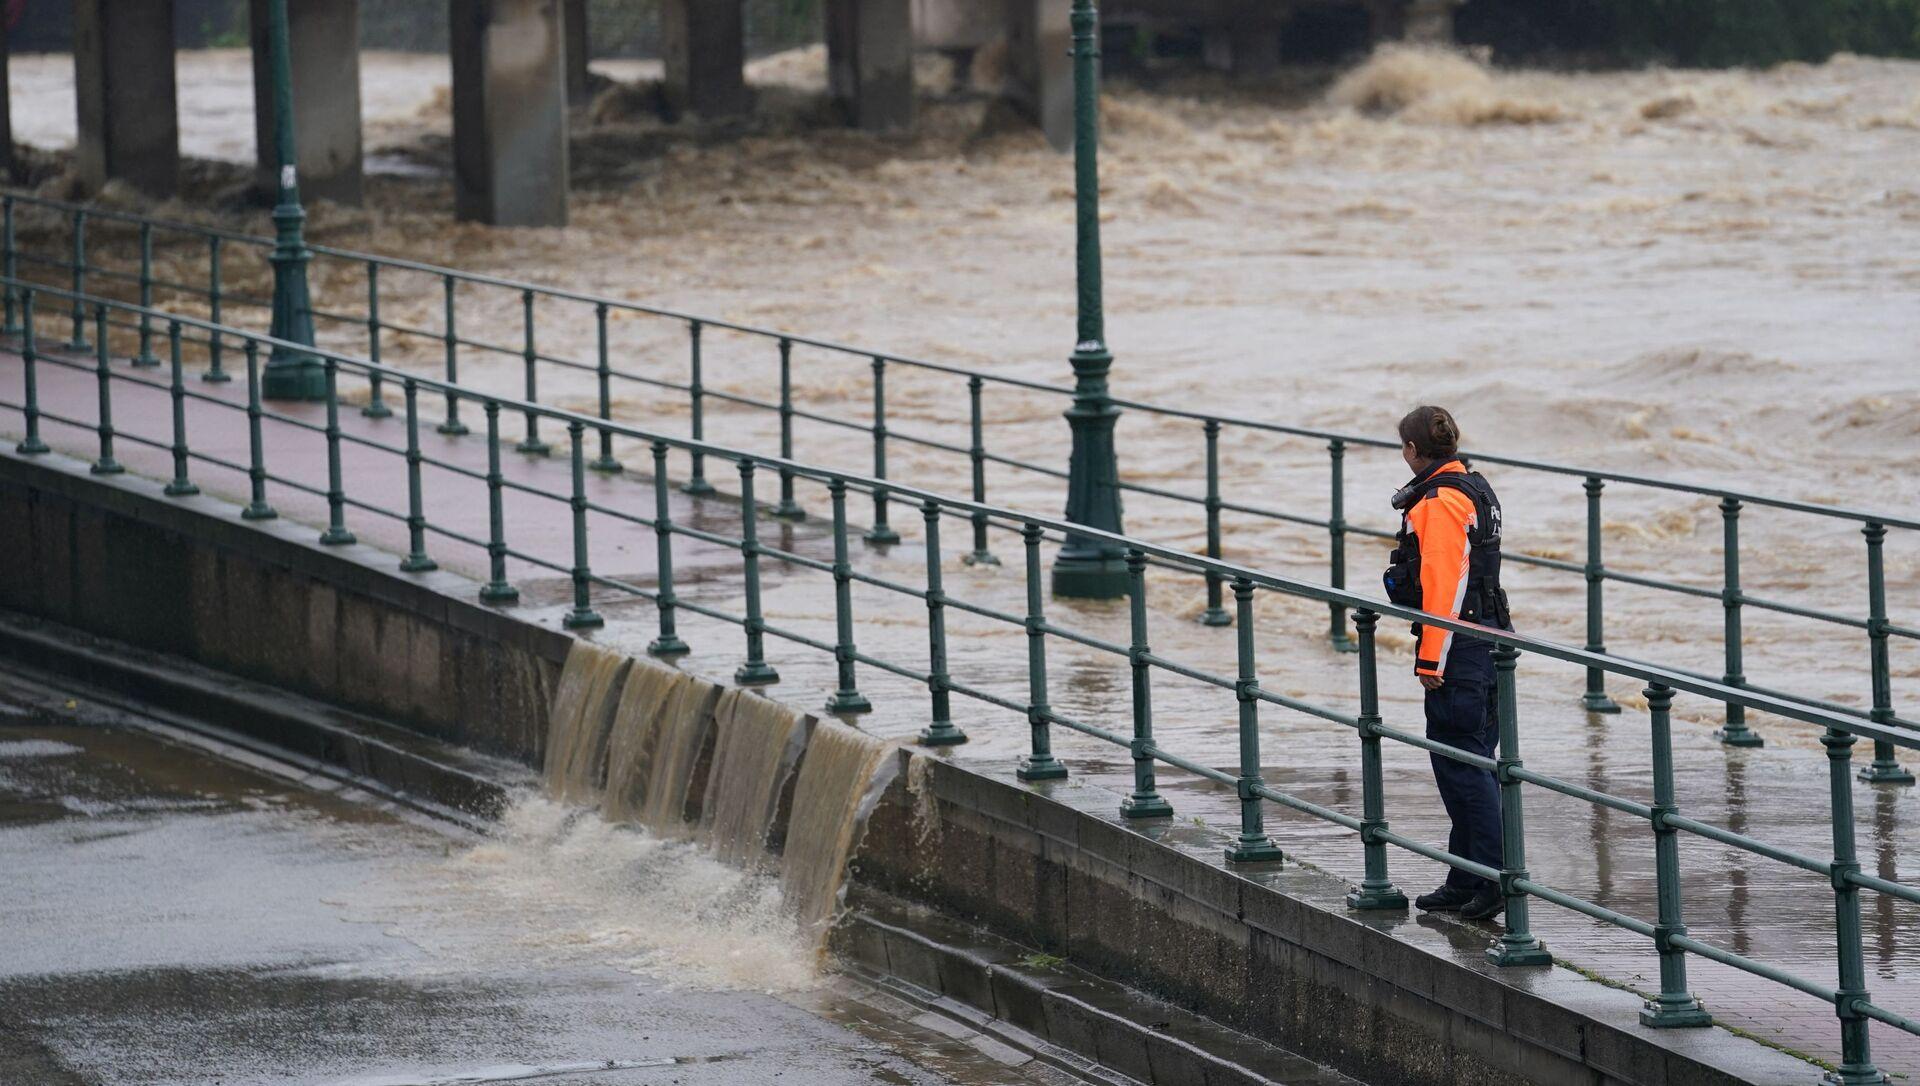 Inondations à Liège, Belgique, le 15 juillet - Sputnik France, 1920, 12.08.2021